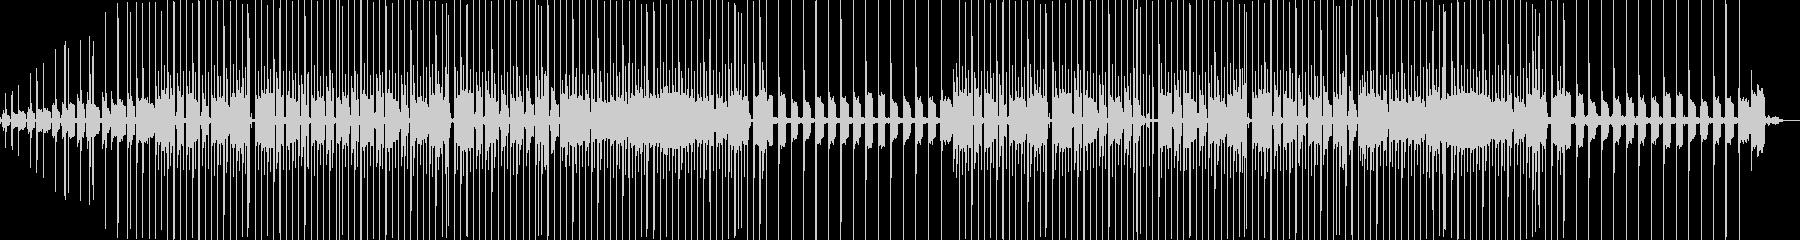 自然の中の音楽の未再生の波形